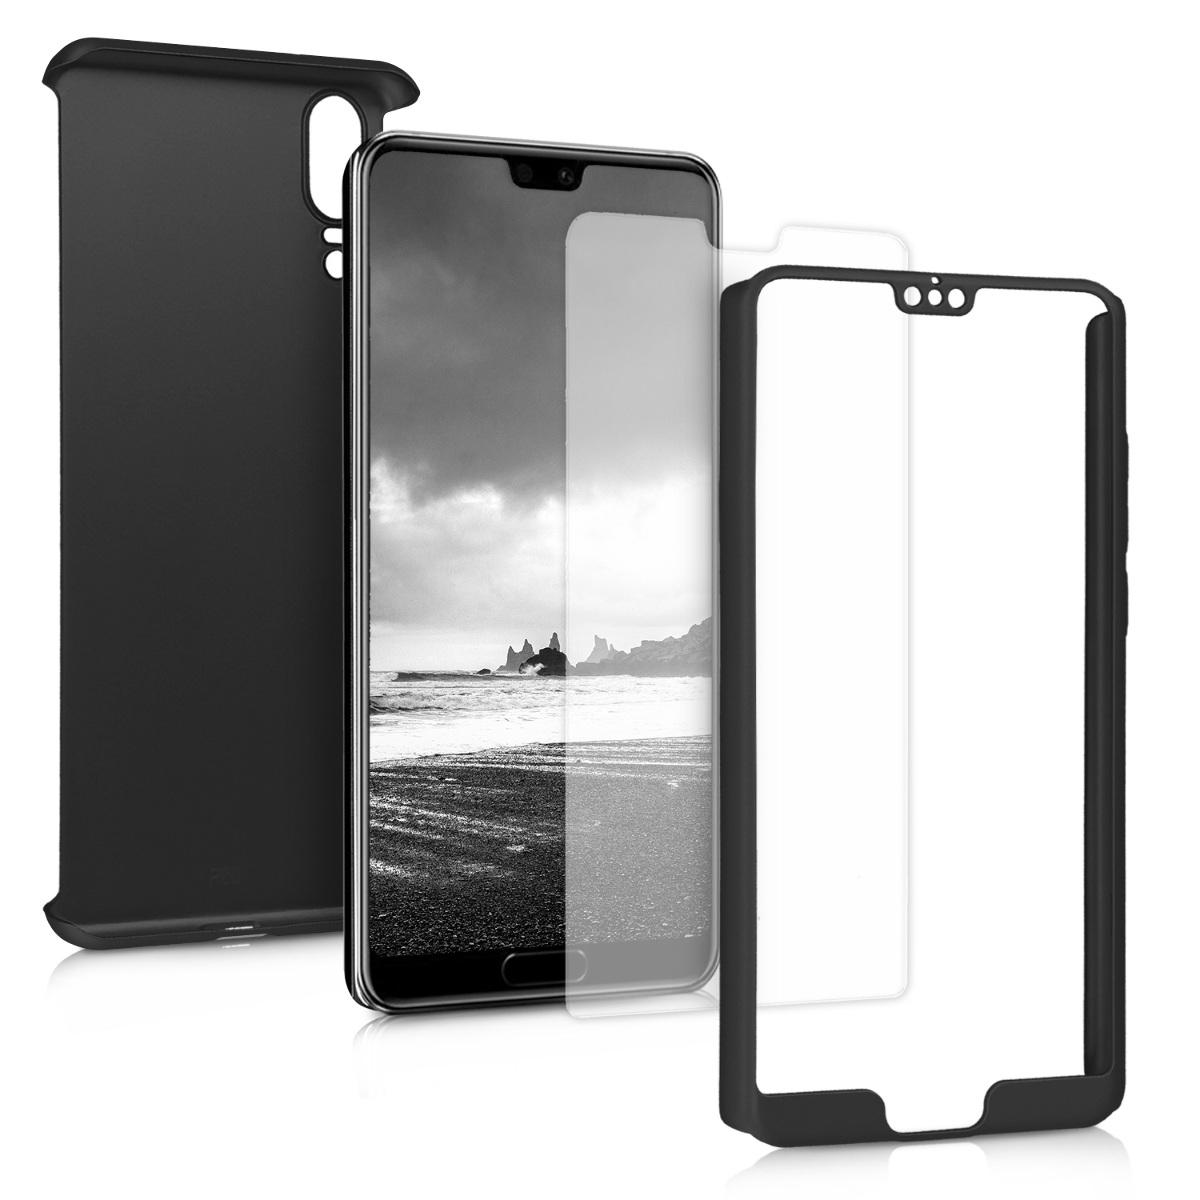 KW Full Body Θήκη με Screen Protector Huawei P20 -Metallic Black (45554.68)